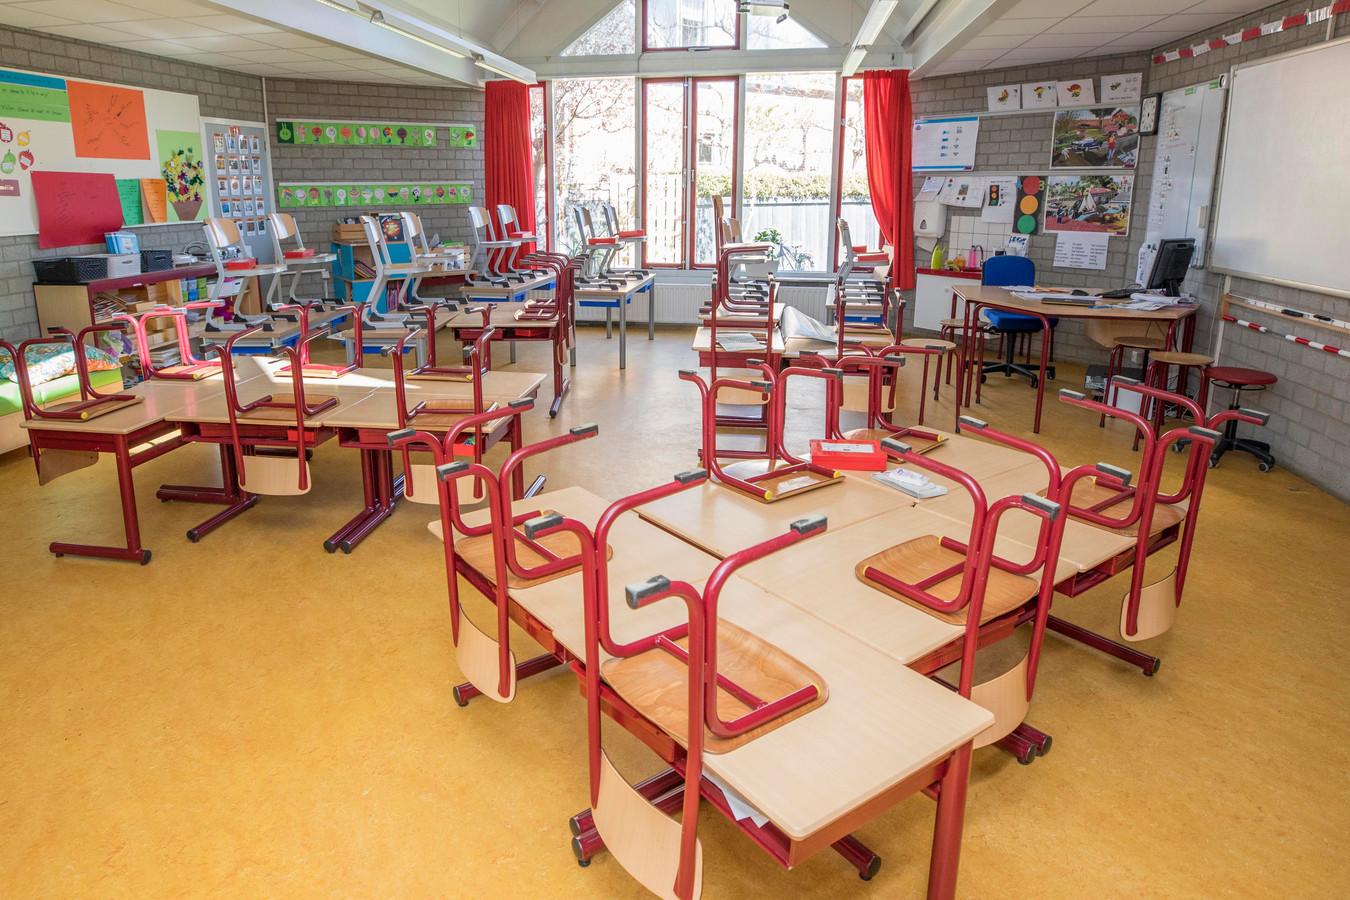 Scholen zijn dicht, maar waar zijn de leerlingen?